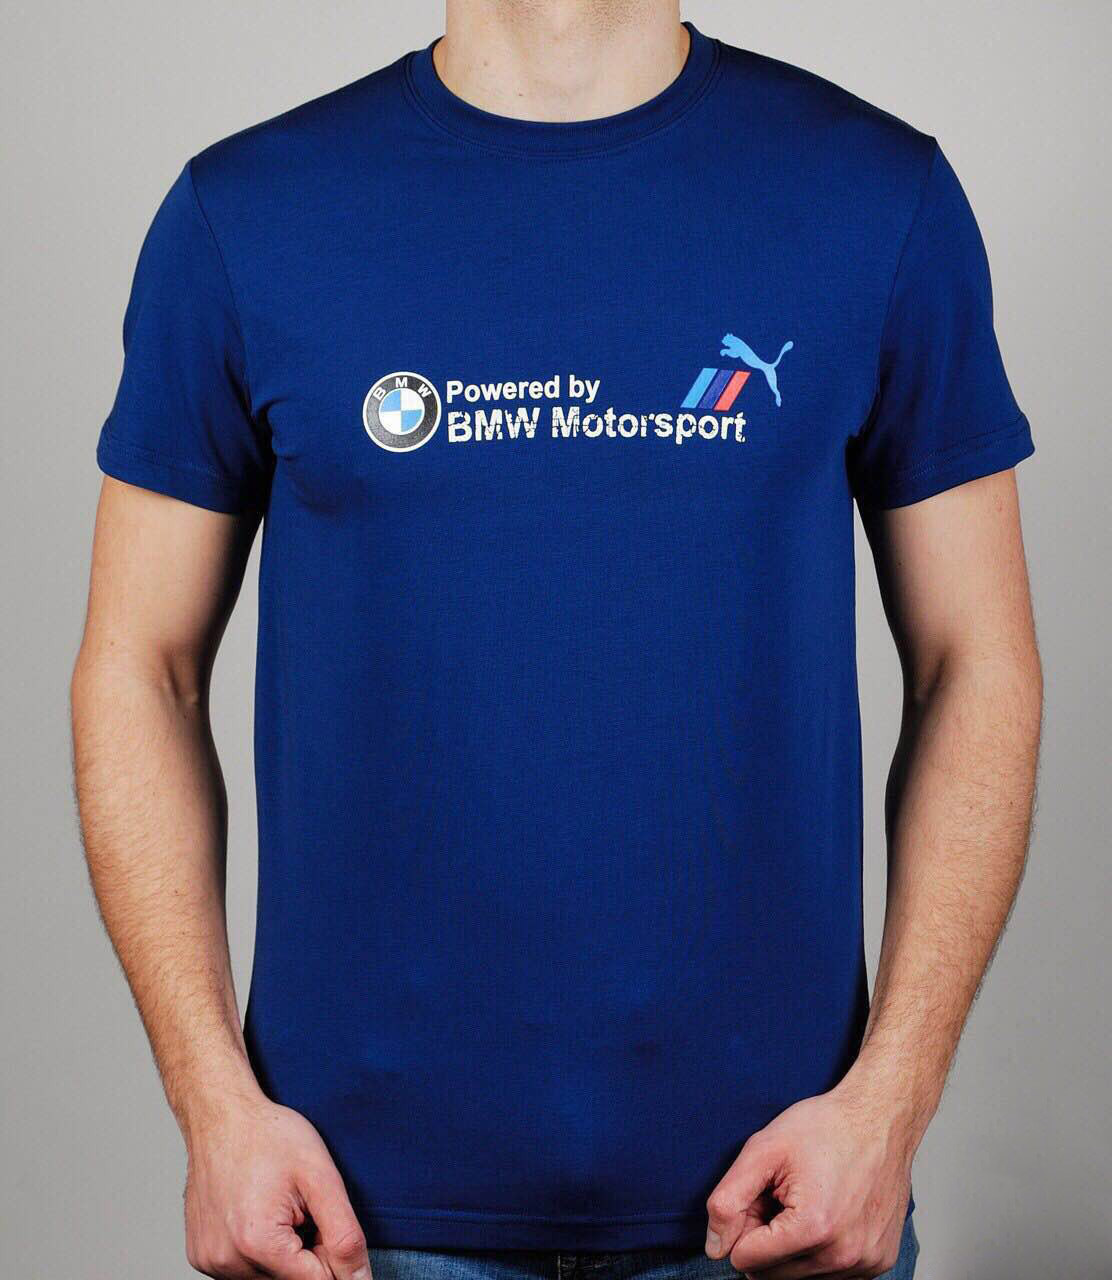 435f558a3d2b76 Мужская футболка Puma BMW Motorsport, цена 420 грн., купить в Киеве ...